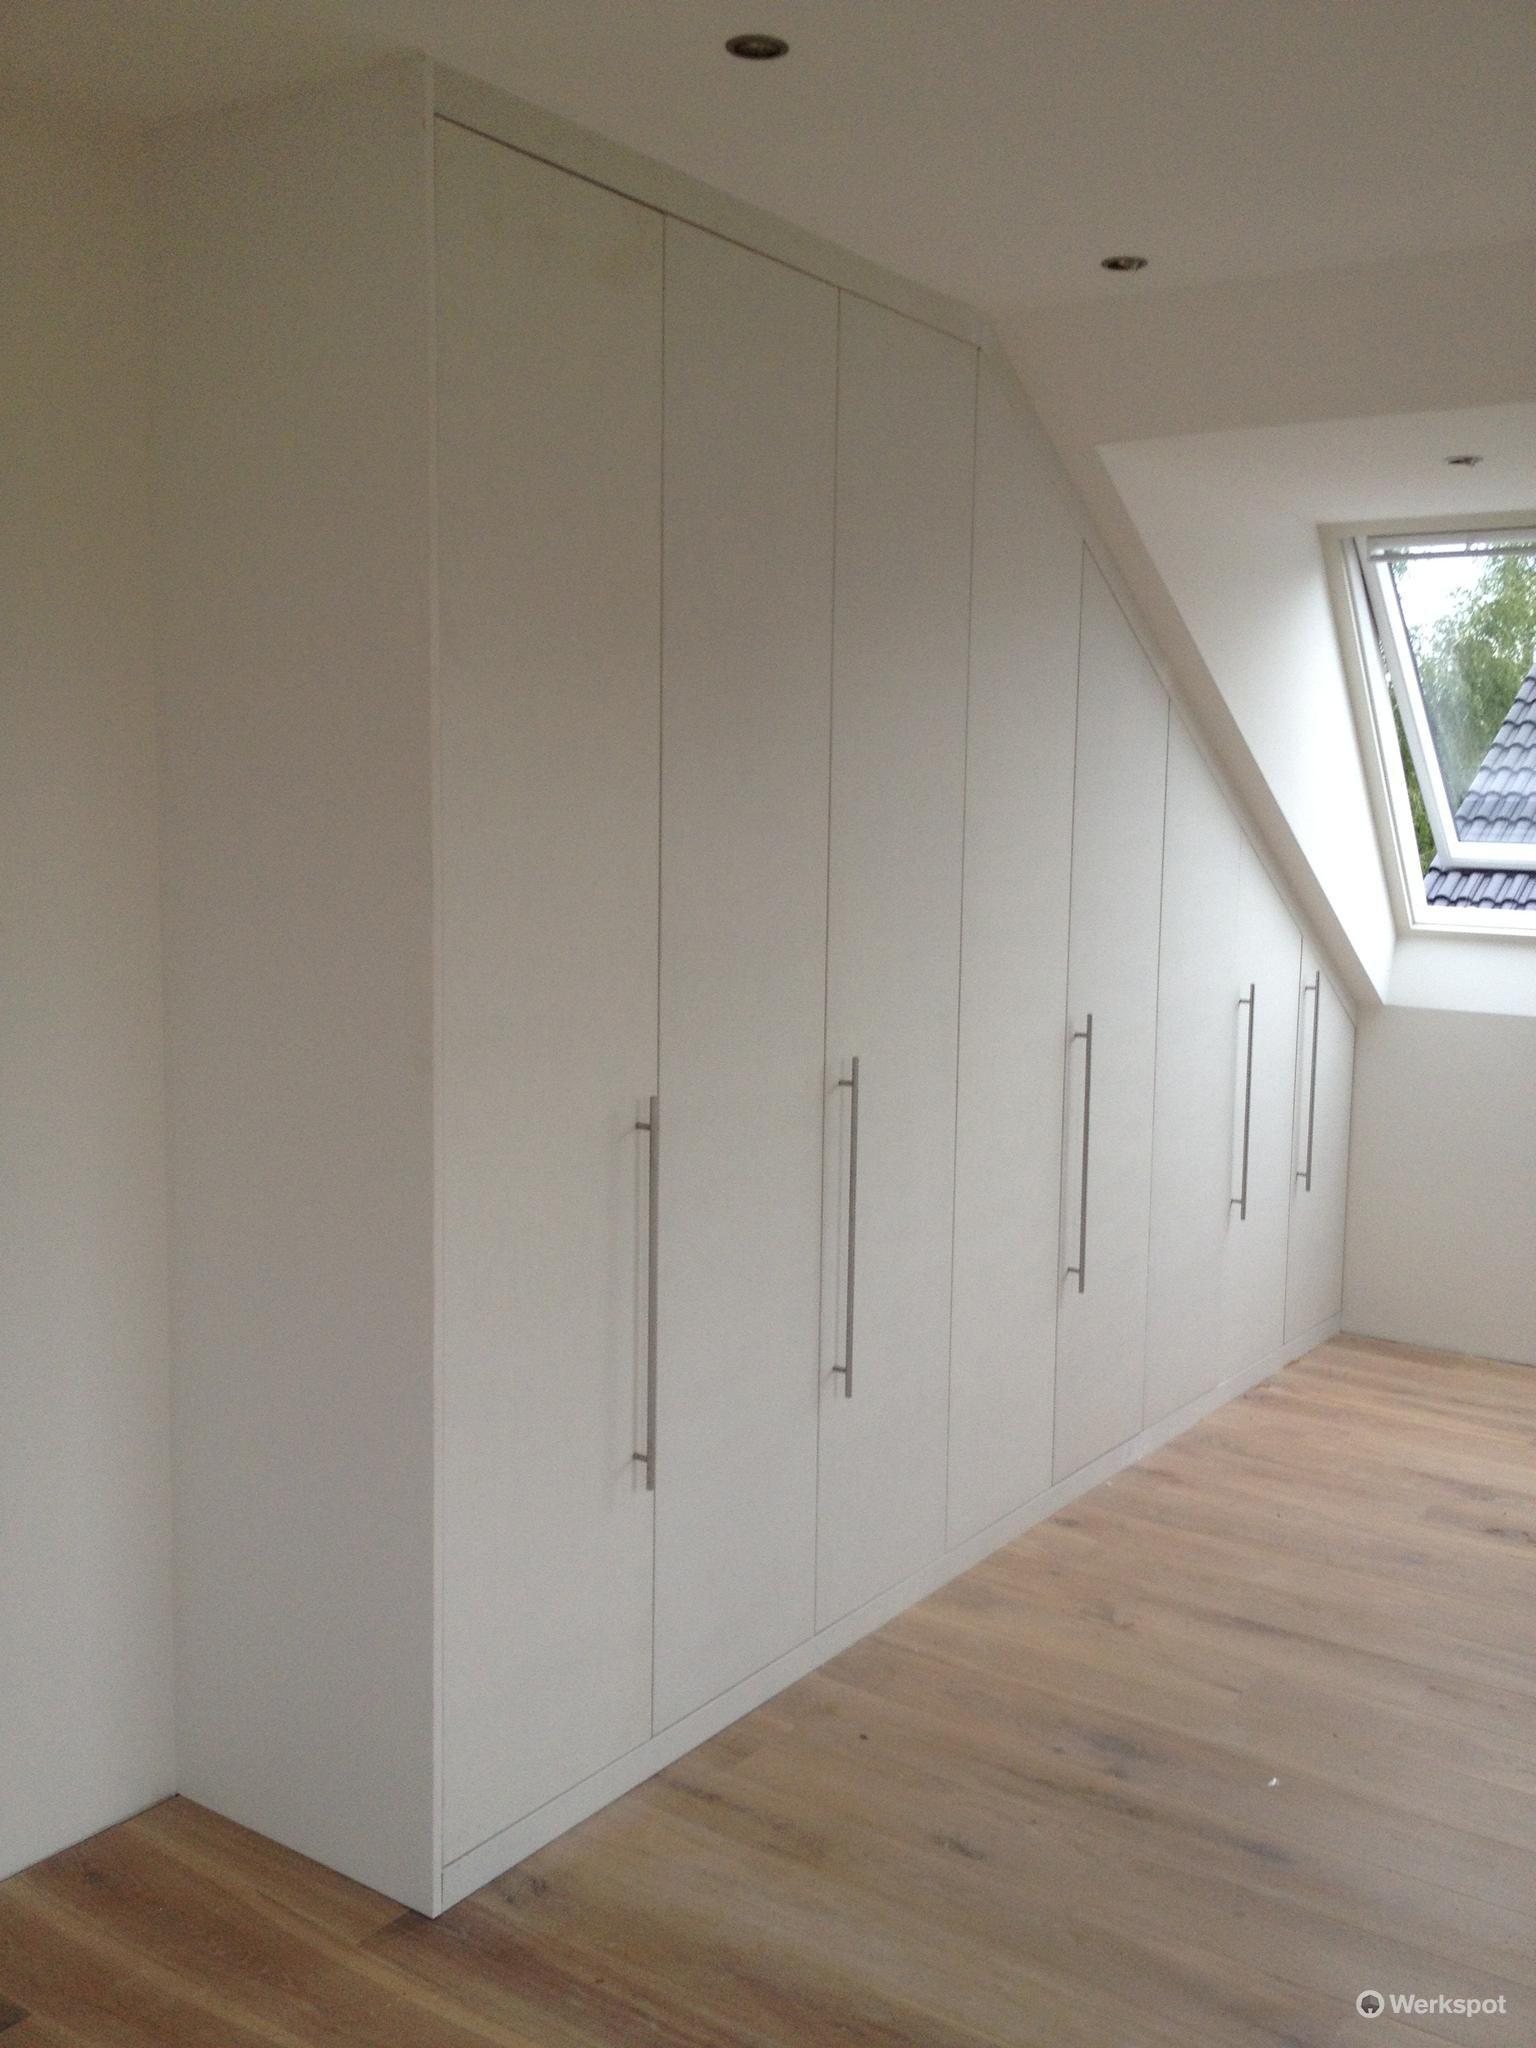 Attic Bedroom Closet Ideas Slanted Walls